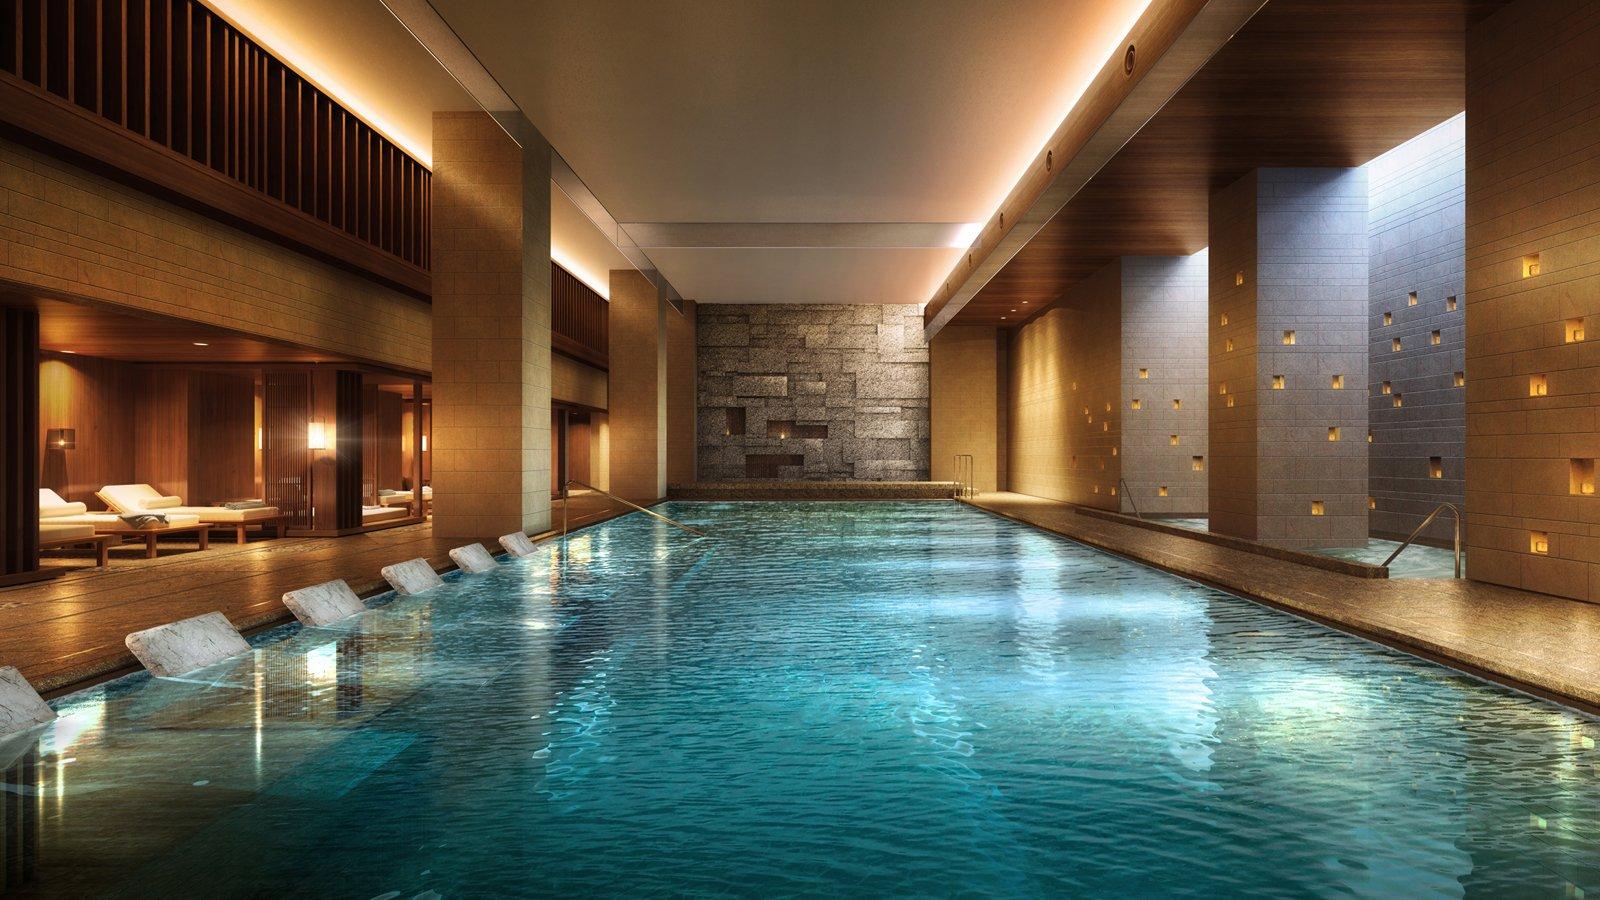 Japanese bath house hidden cam 3 8